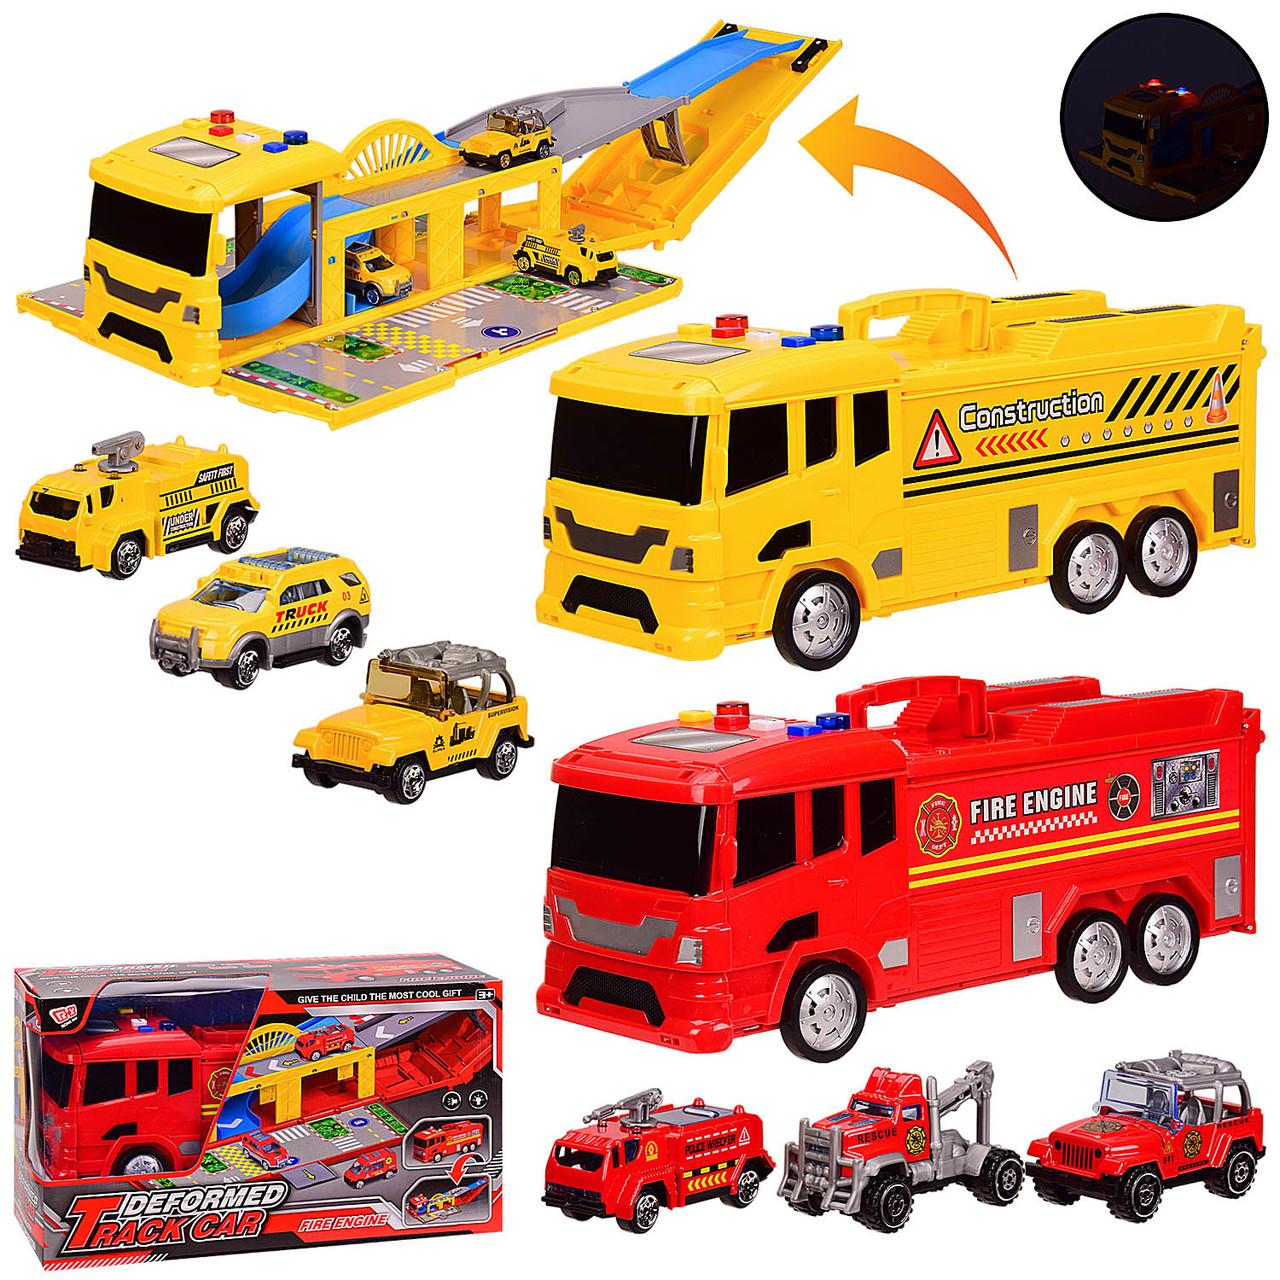 Паркинг 2 вида Пожарная машина и Служебная, свет, звук, в коробке JM522-101/JM522-102